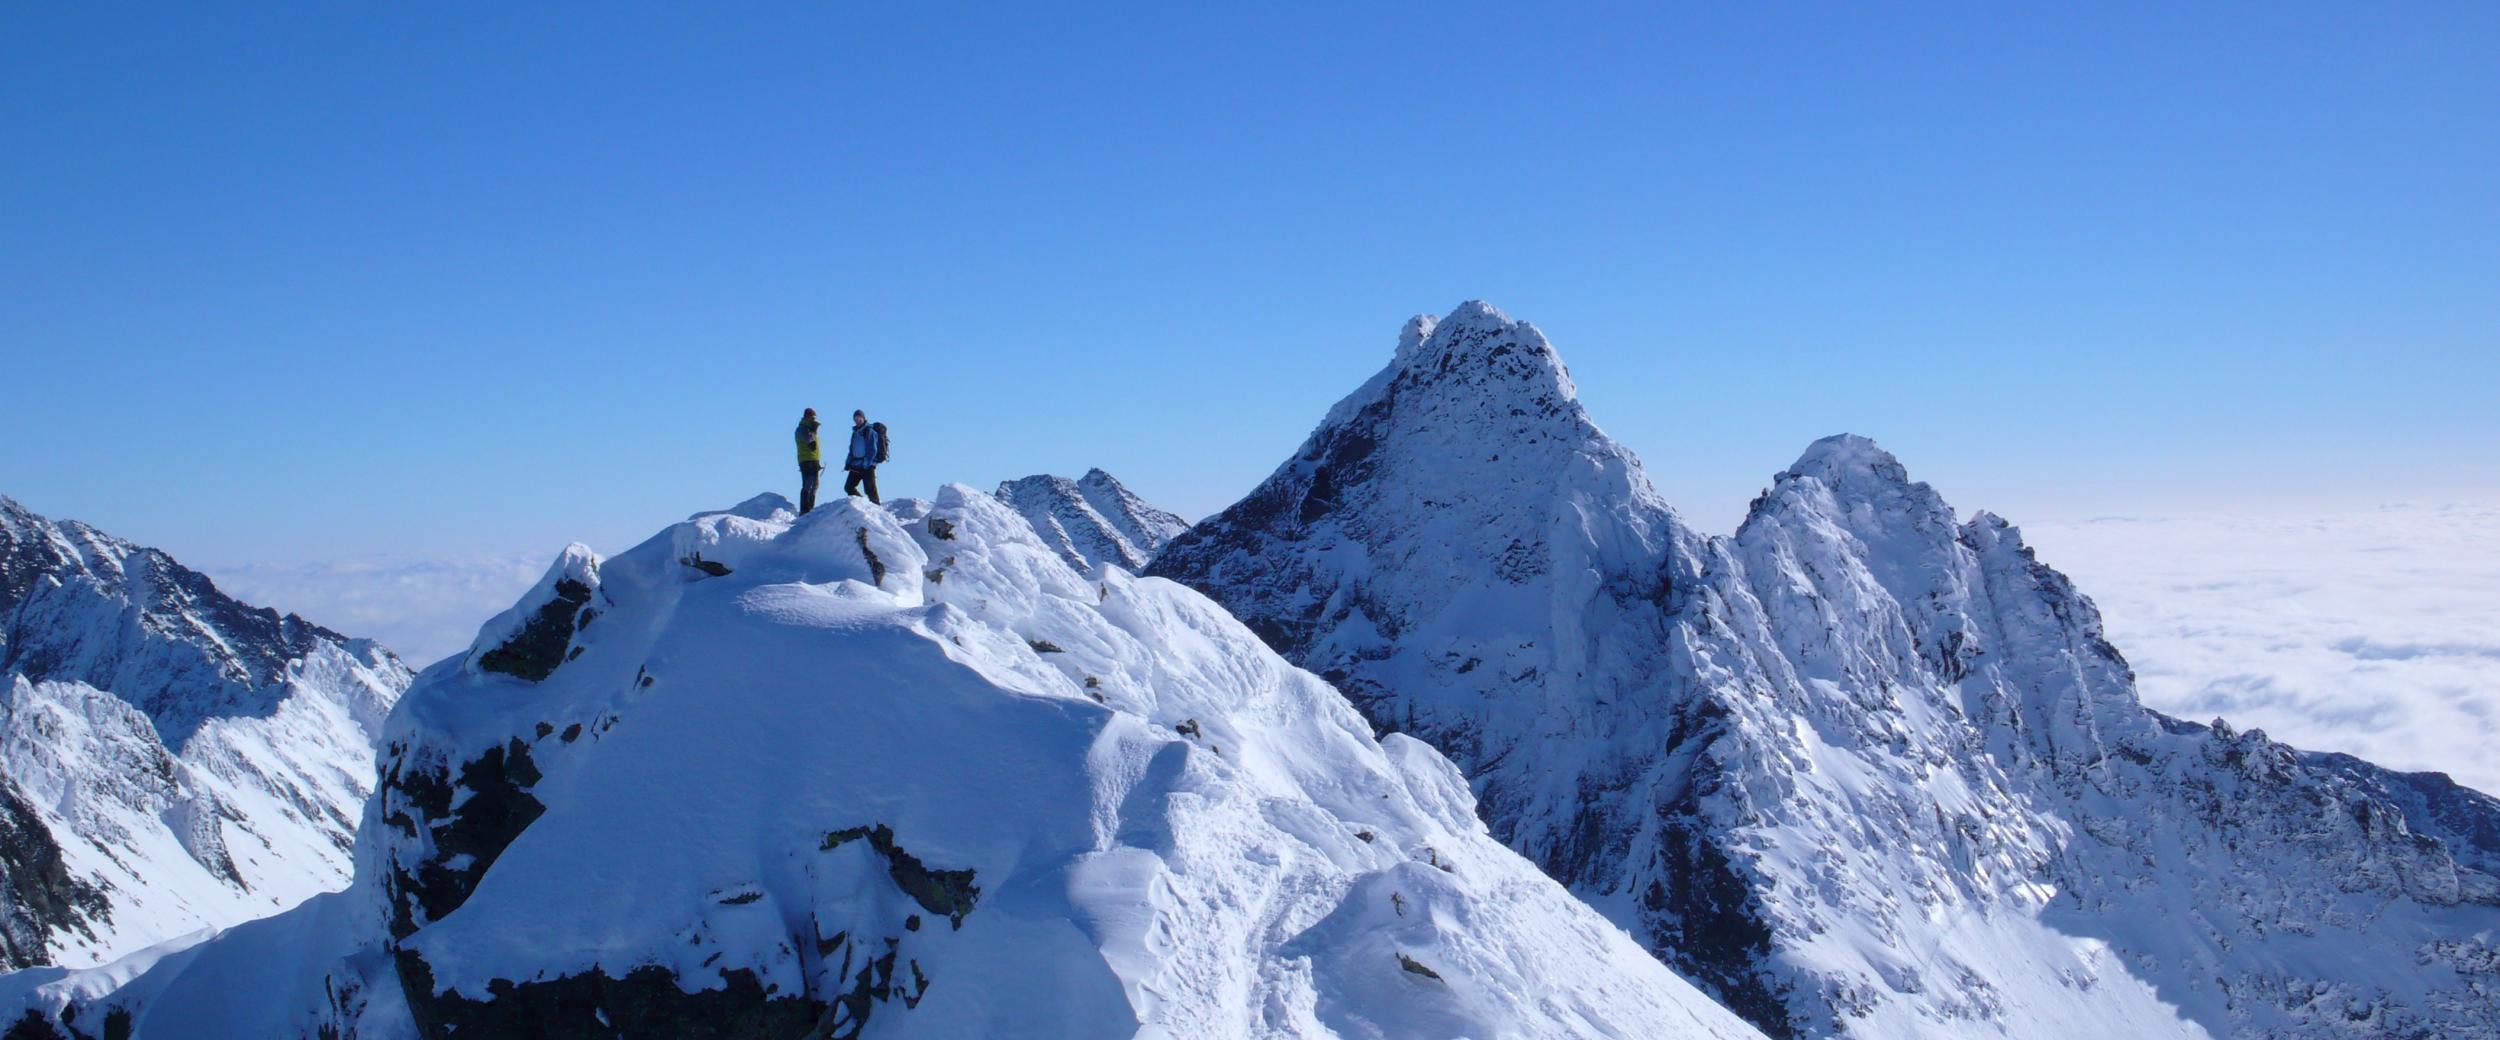 IFMGA, Národná asociácia horských vodcov Slovenskej republiky, Na vrchole Rysov, Photography by Igor Trgina